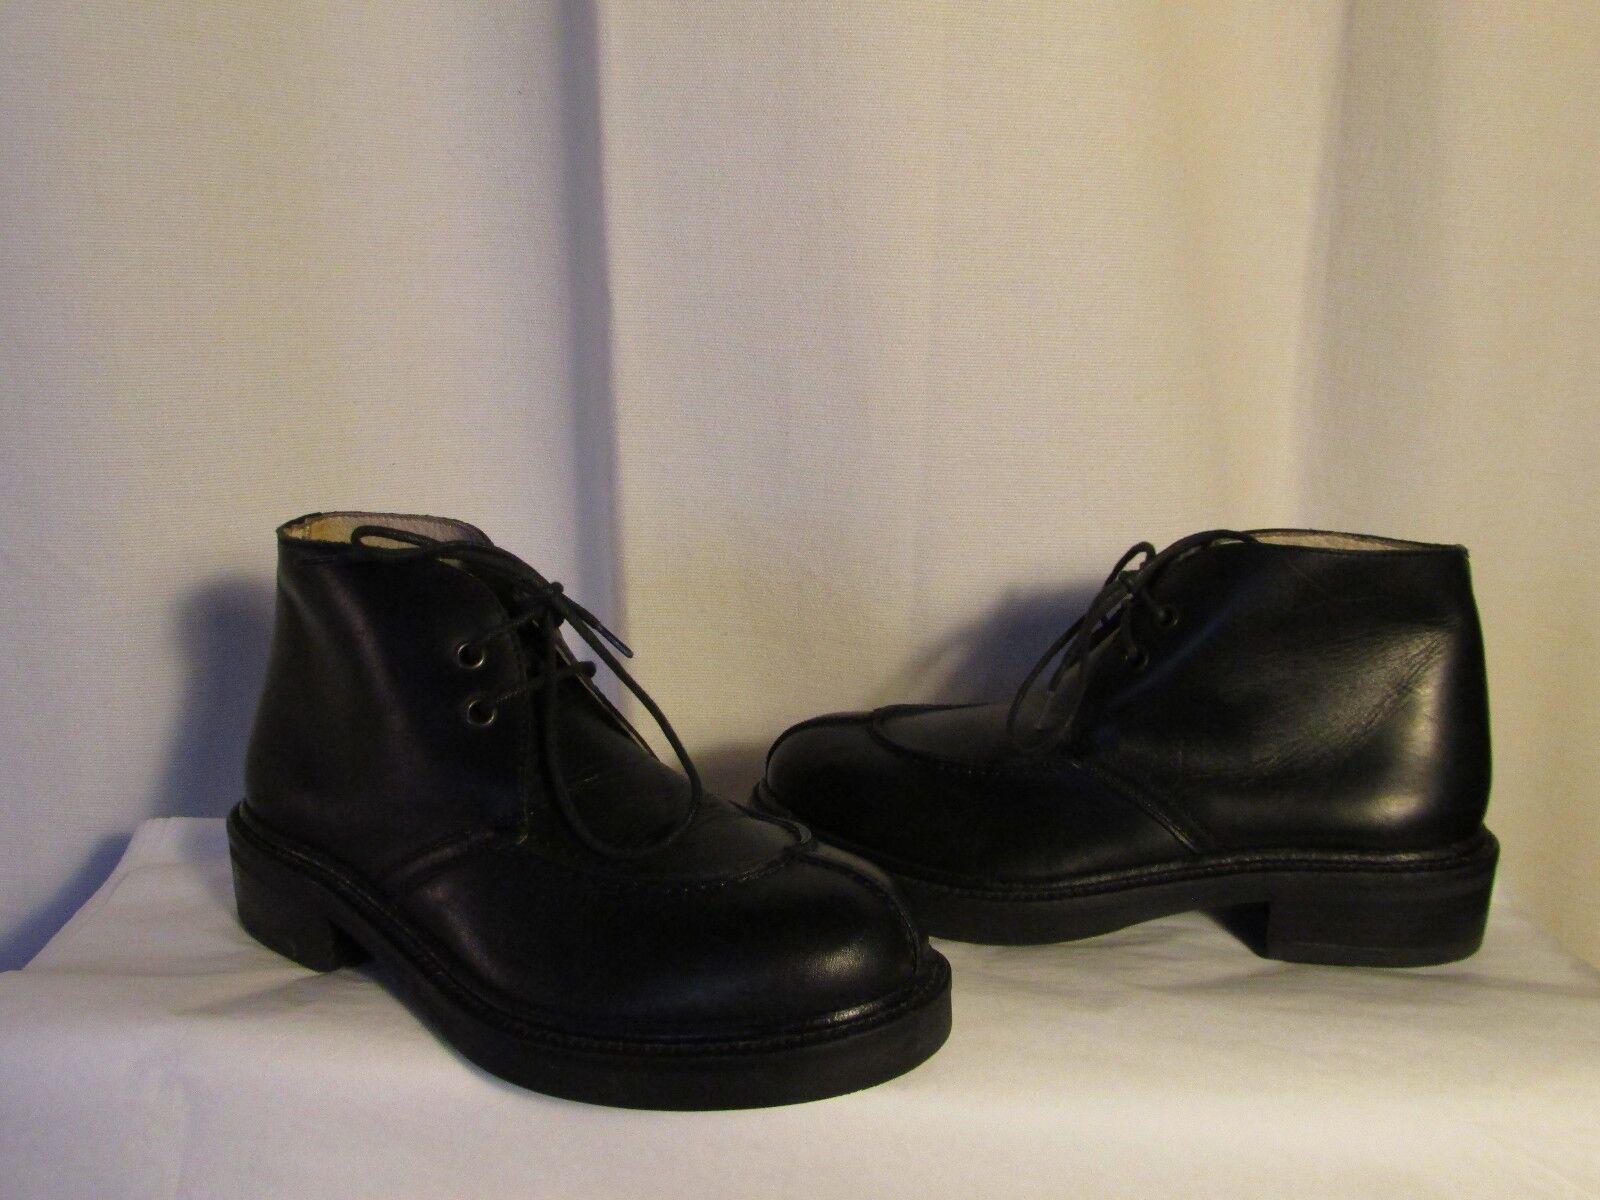 boots/bottines J.J LESTER cuir noir 37